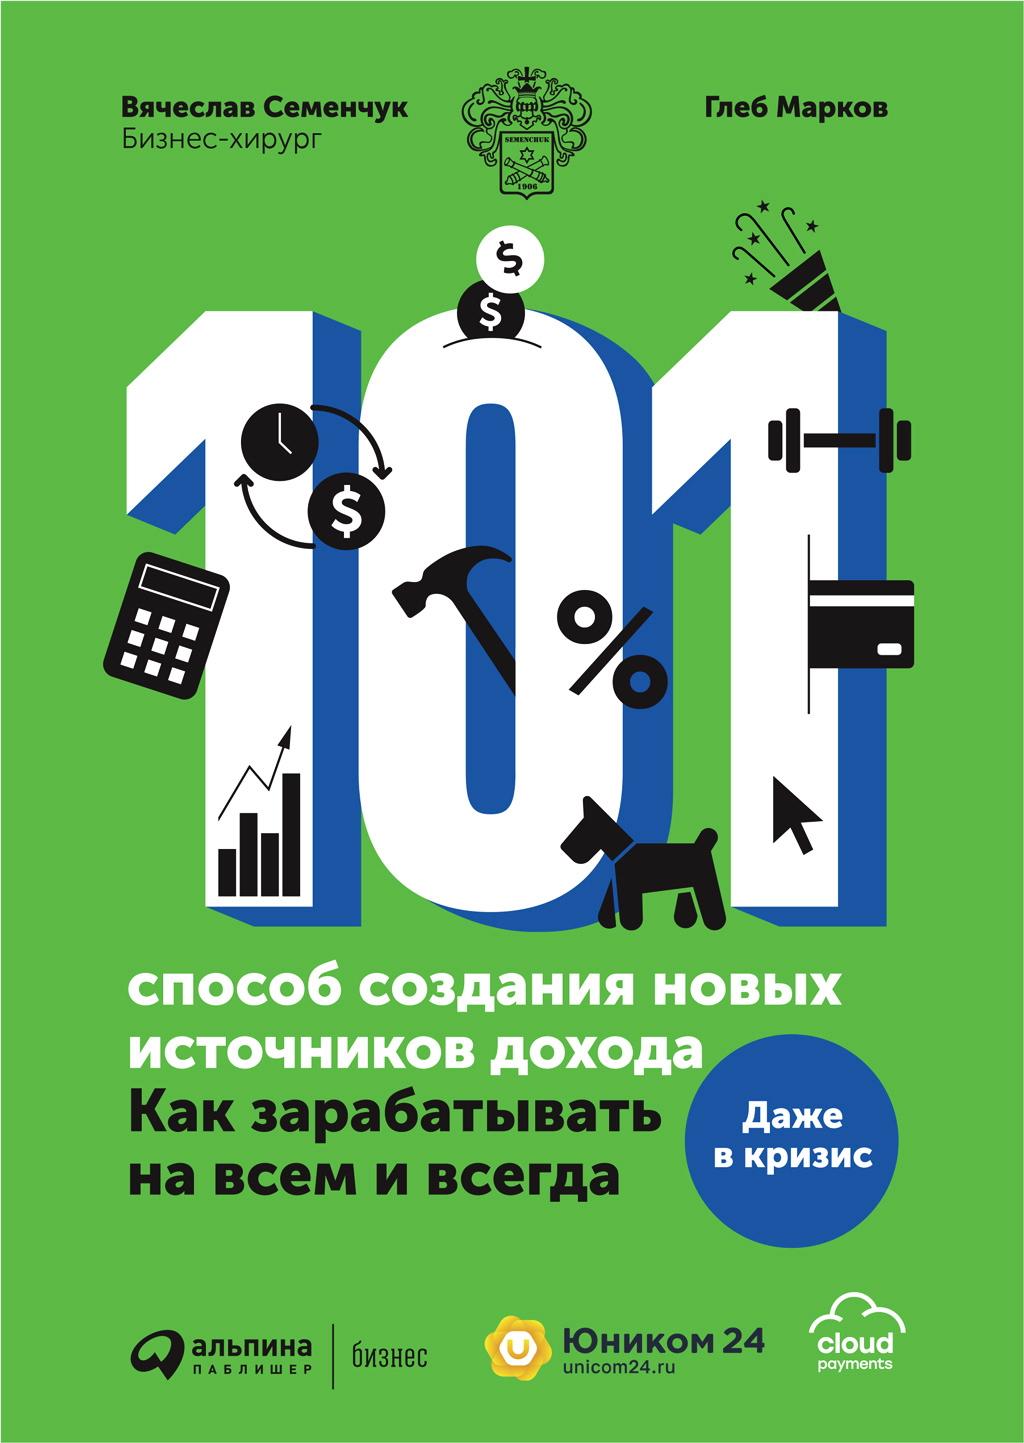 101 способ создания новых источников дохода : Как зарабатывать на всем и всегда ISBN 978-5-907274-65-5